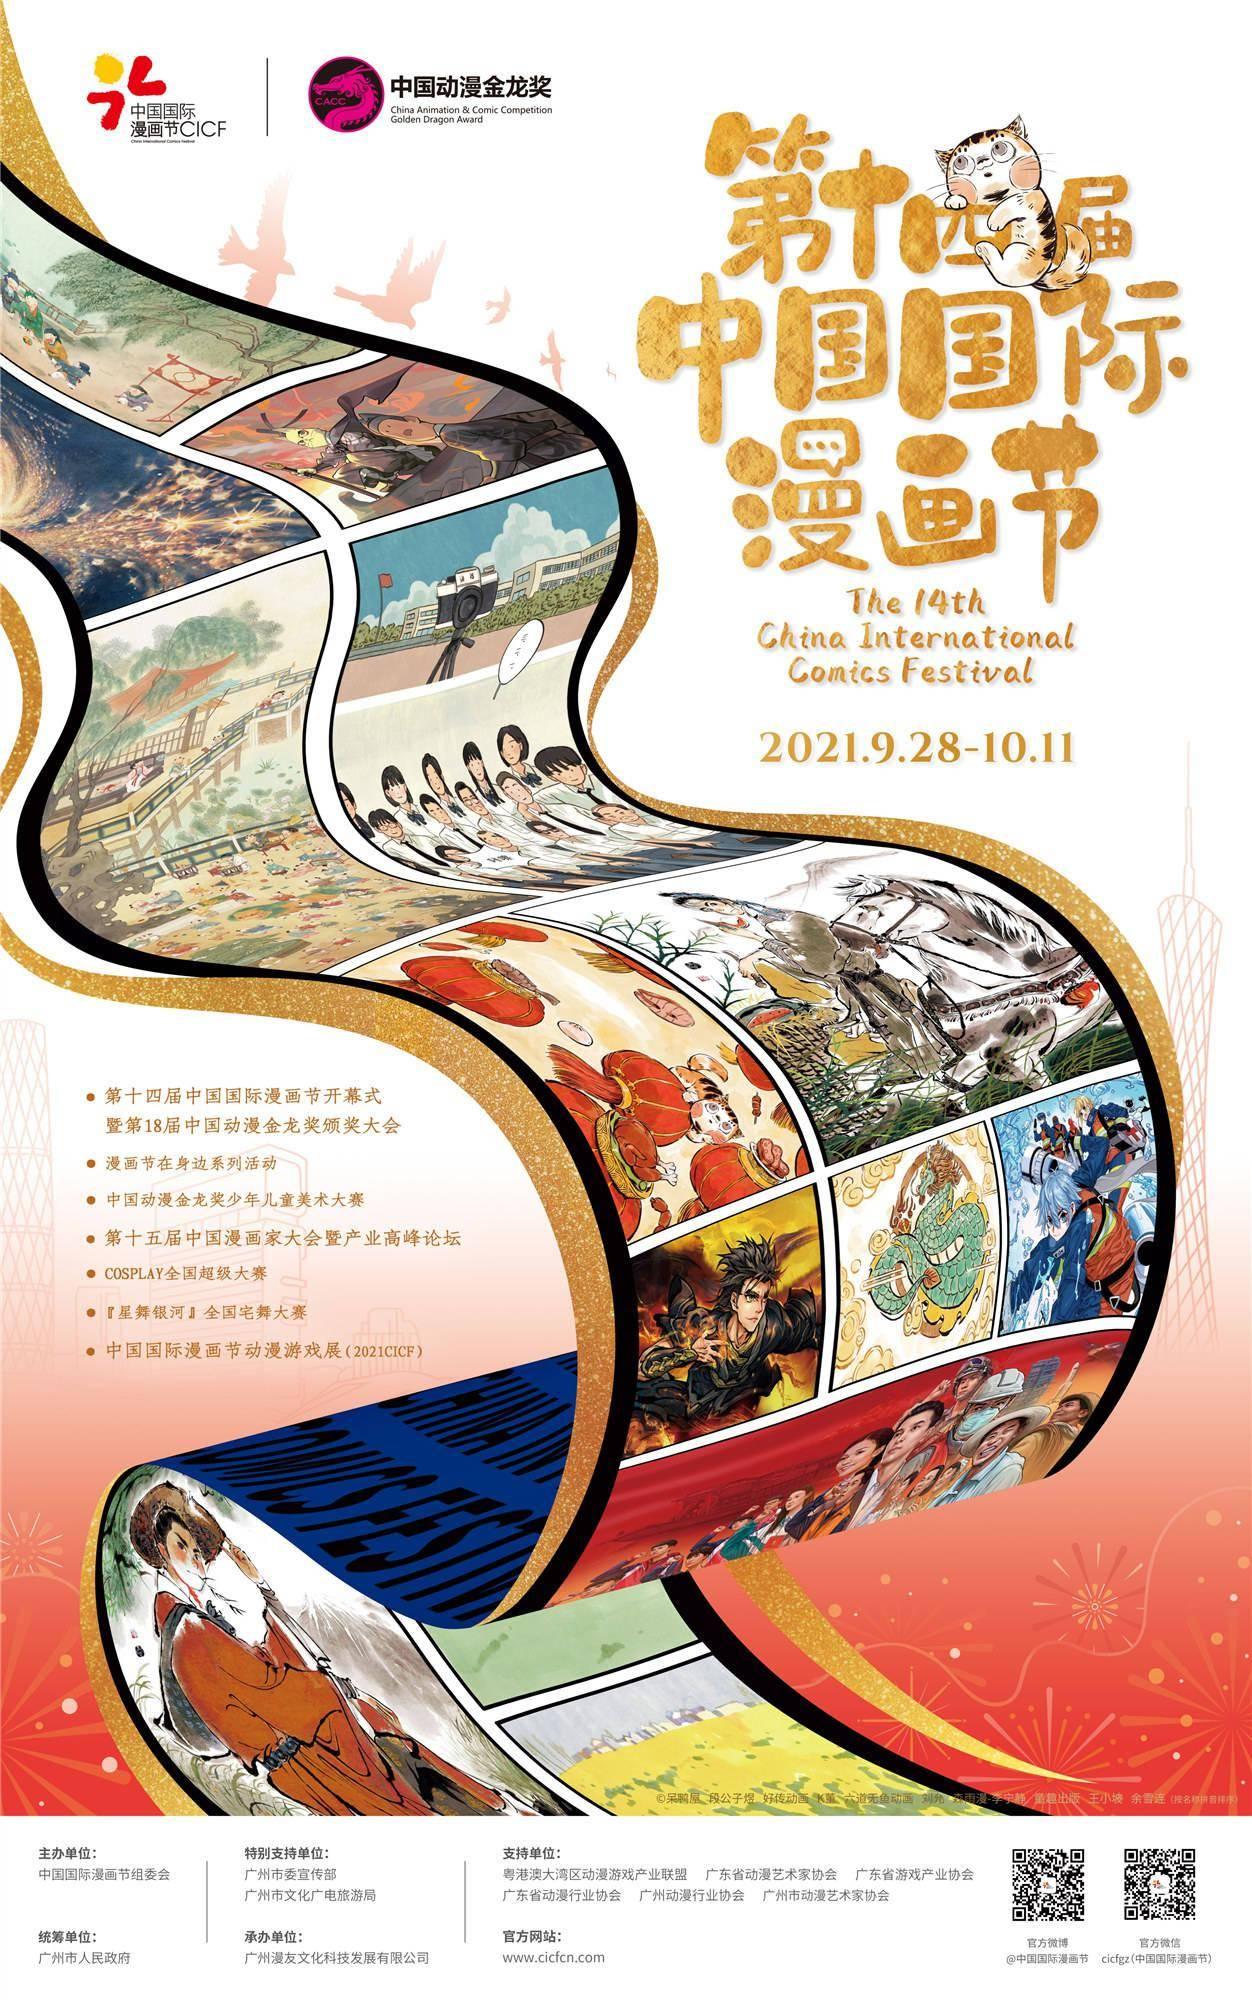 动漫嘉年华即将登场!第十四届中国国际漫画节9月28日开幕_游戏